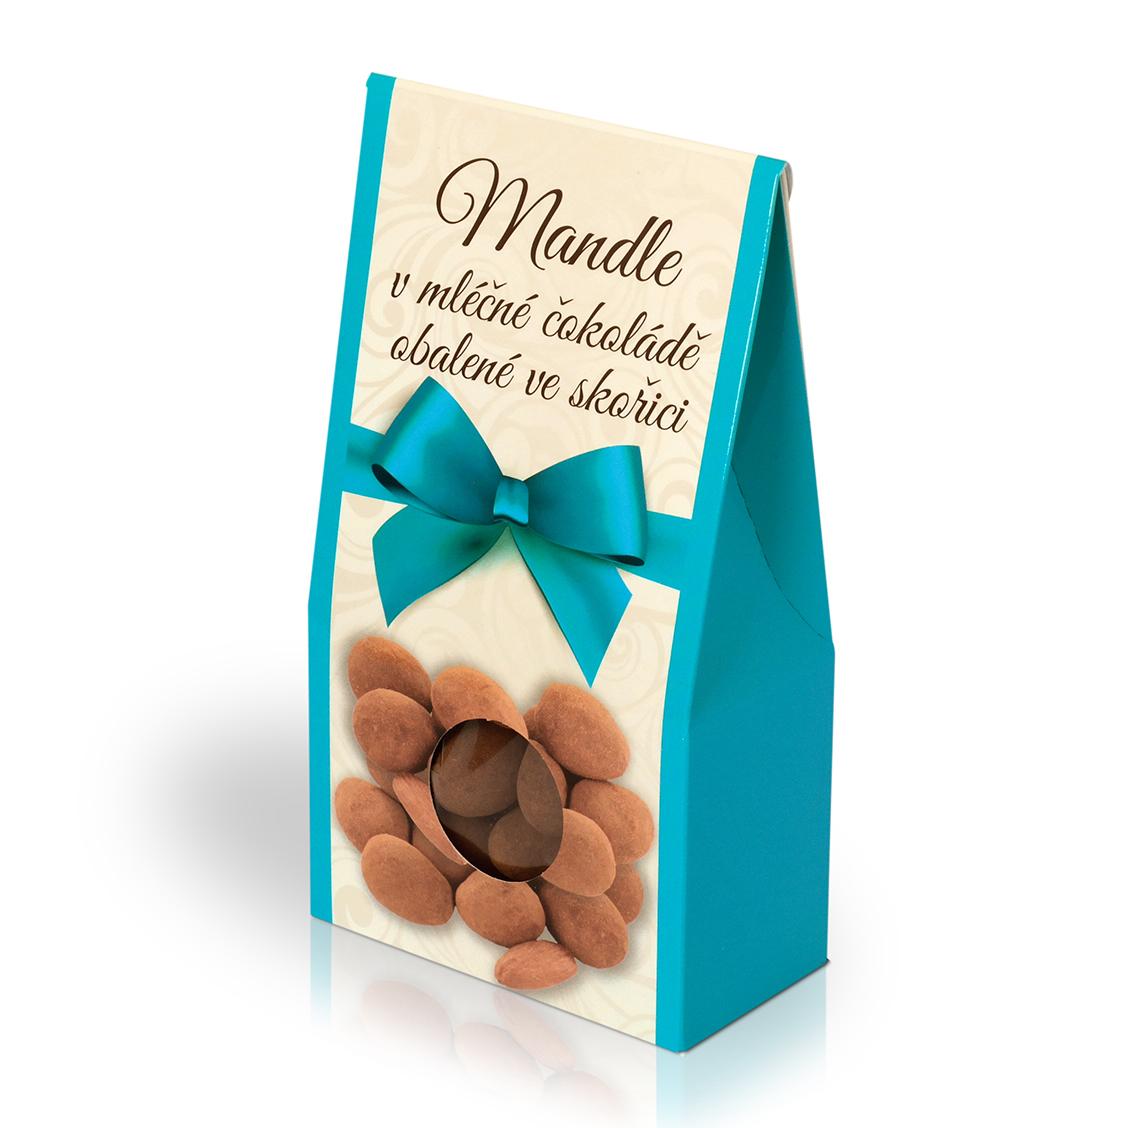 Mandle v mléčné čokoládě obalené ve skořici 150g (stříška)